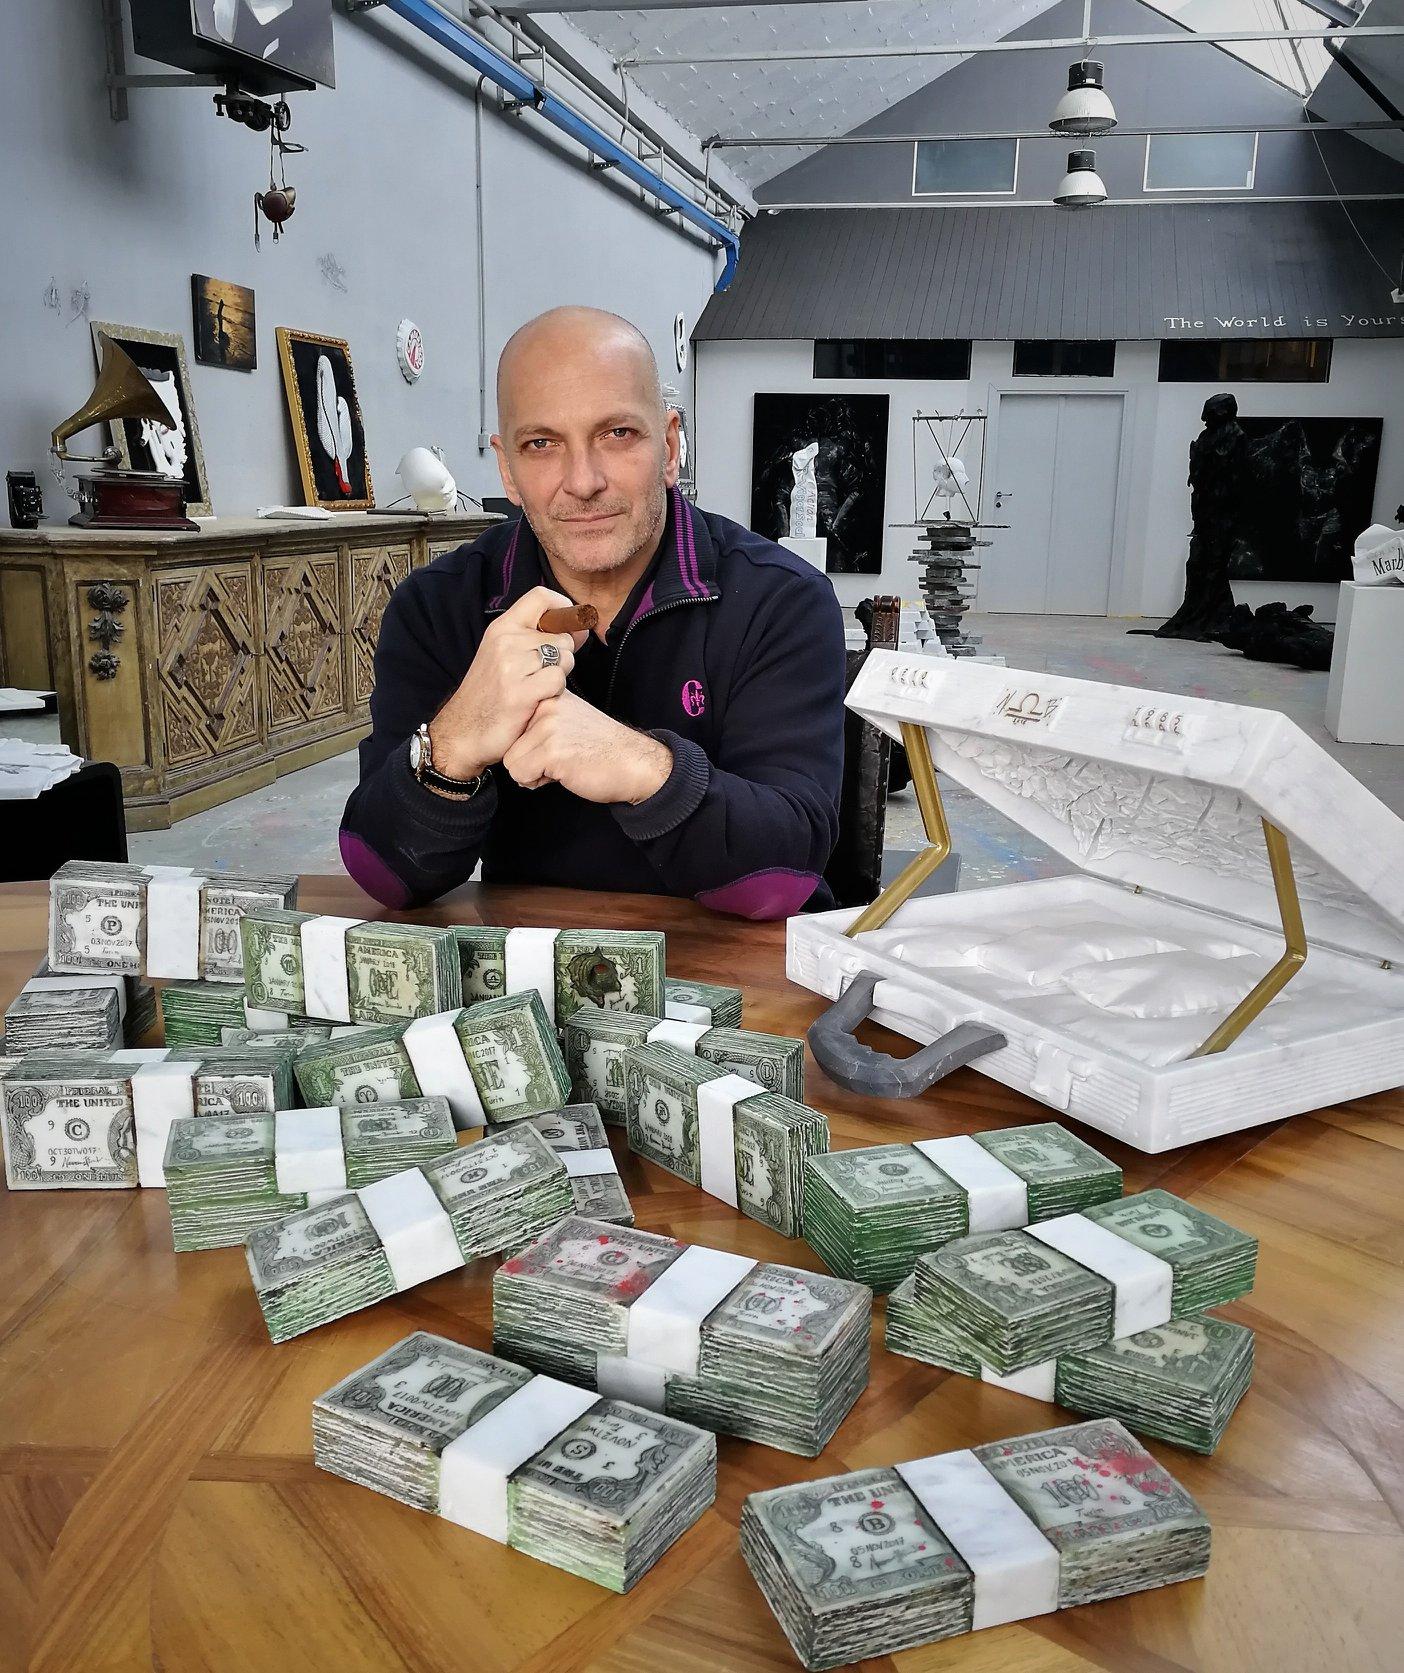 Franco Trentalance berpose dengan karya seni berbentuk tumpukan uang dolar